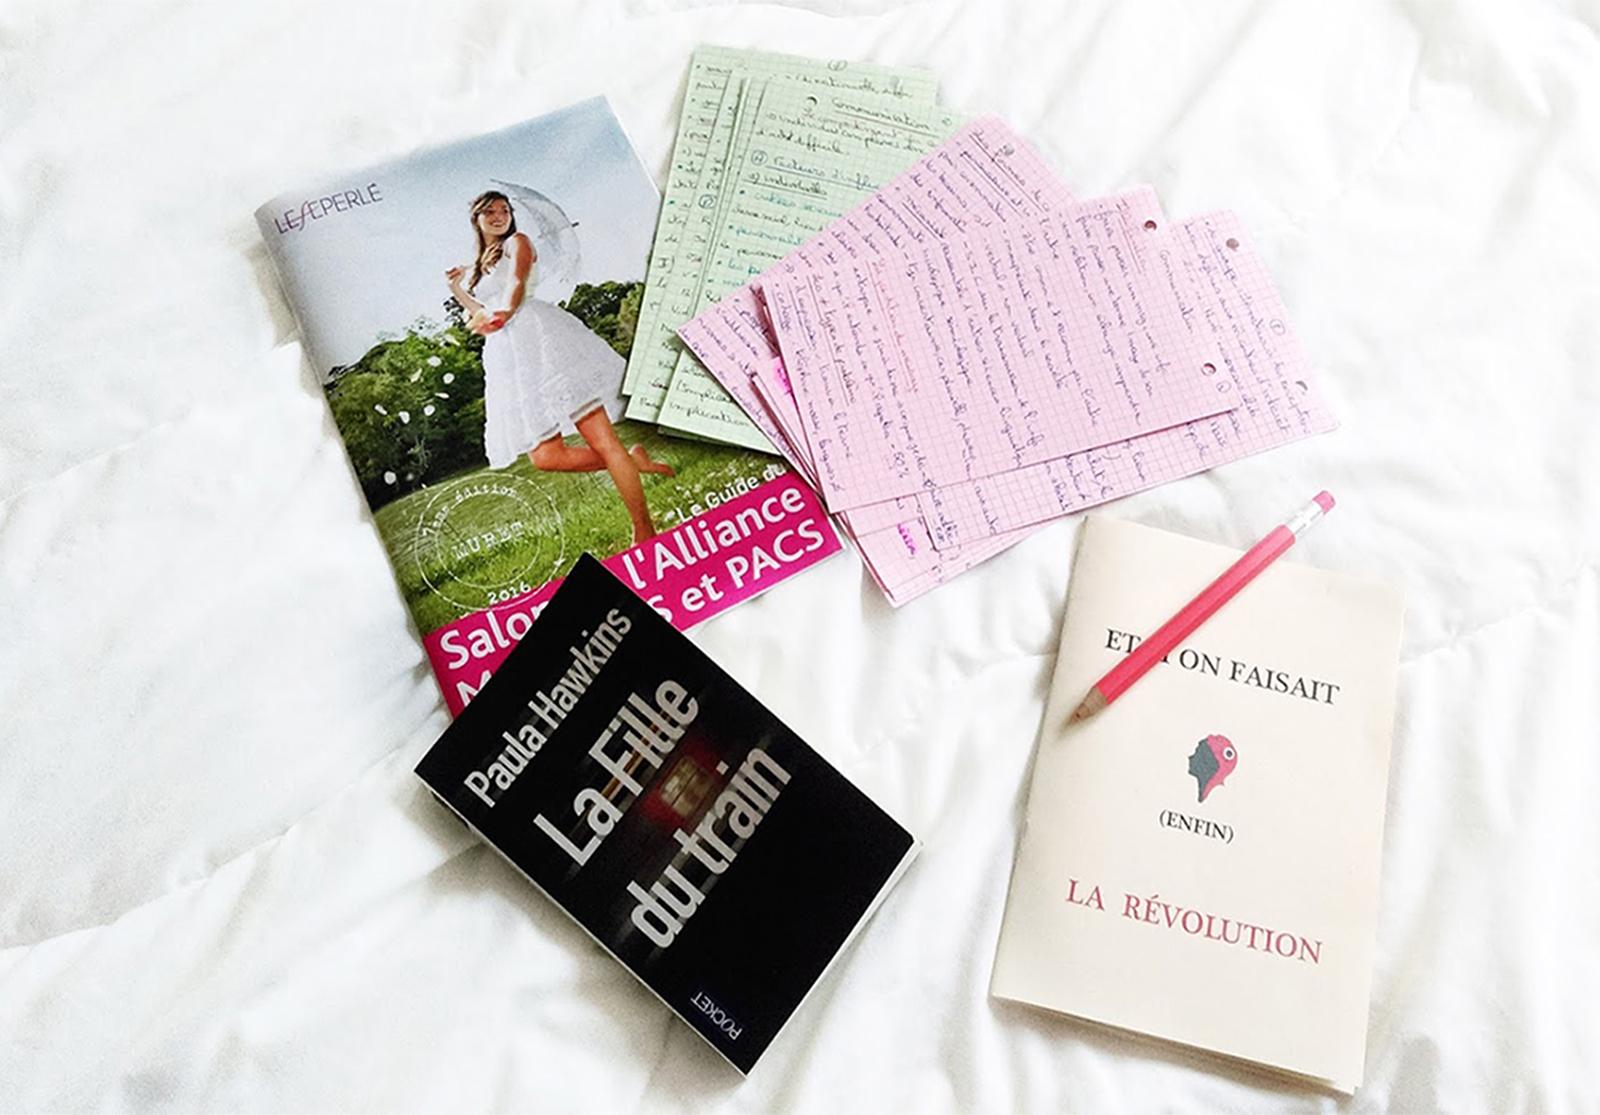 La fille du train de Paula Hawkins Blog Coin des licornes  littéraire lifestyle Toulouse